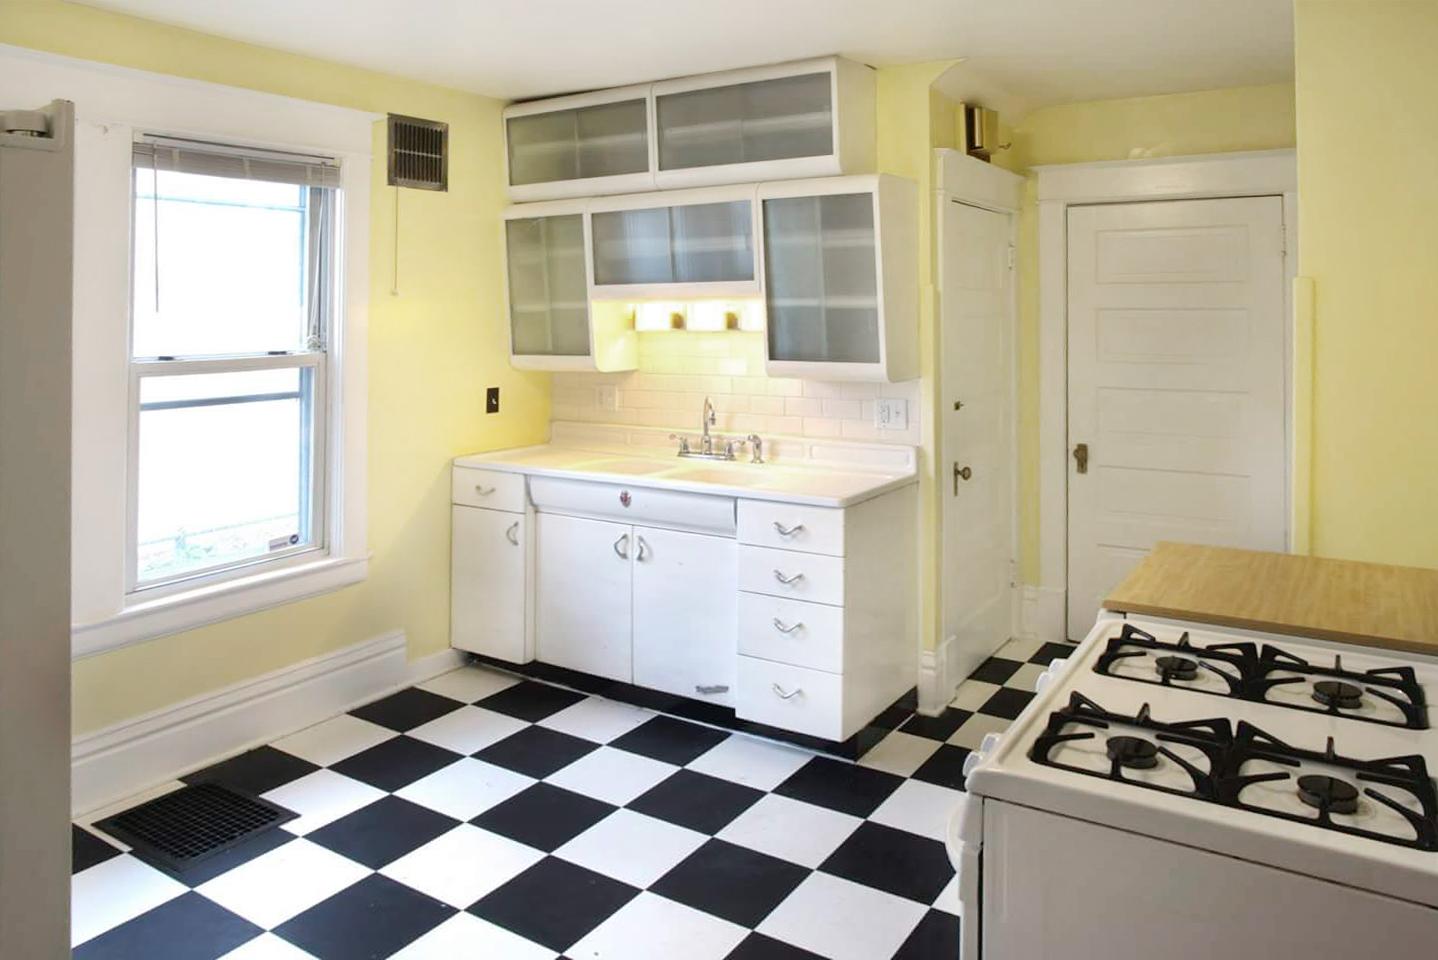 Rental Kitchen2